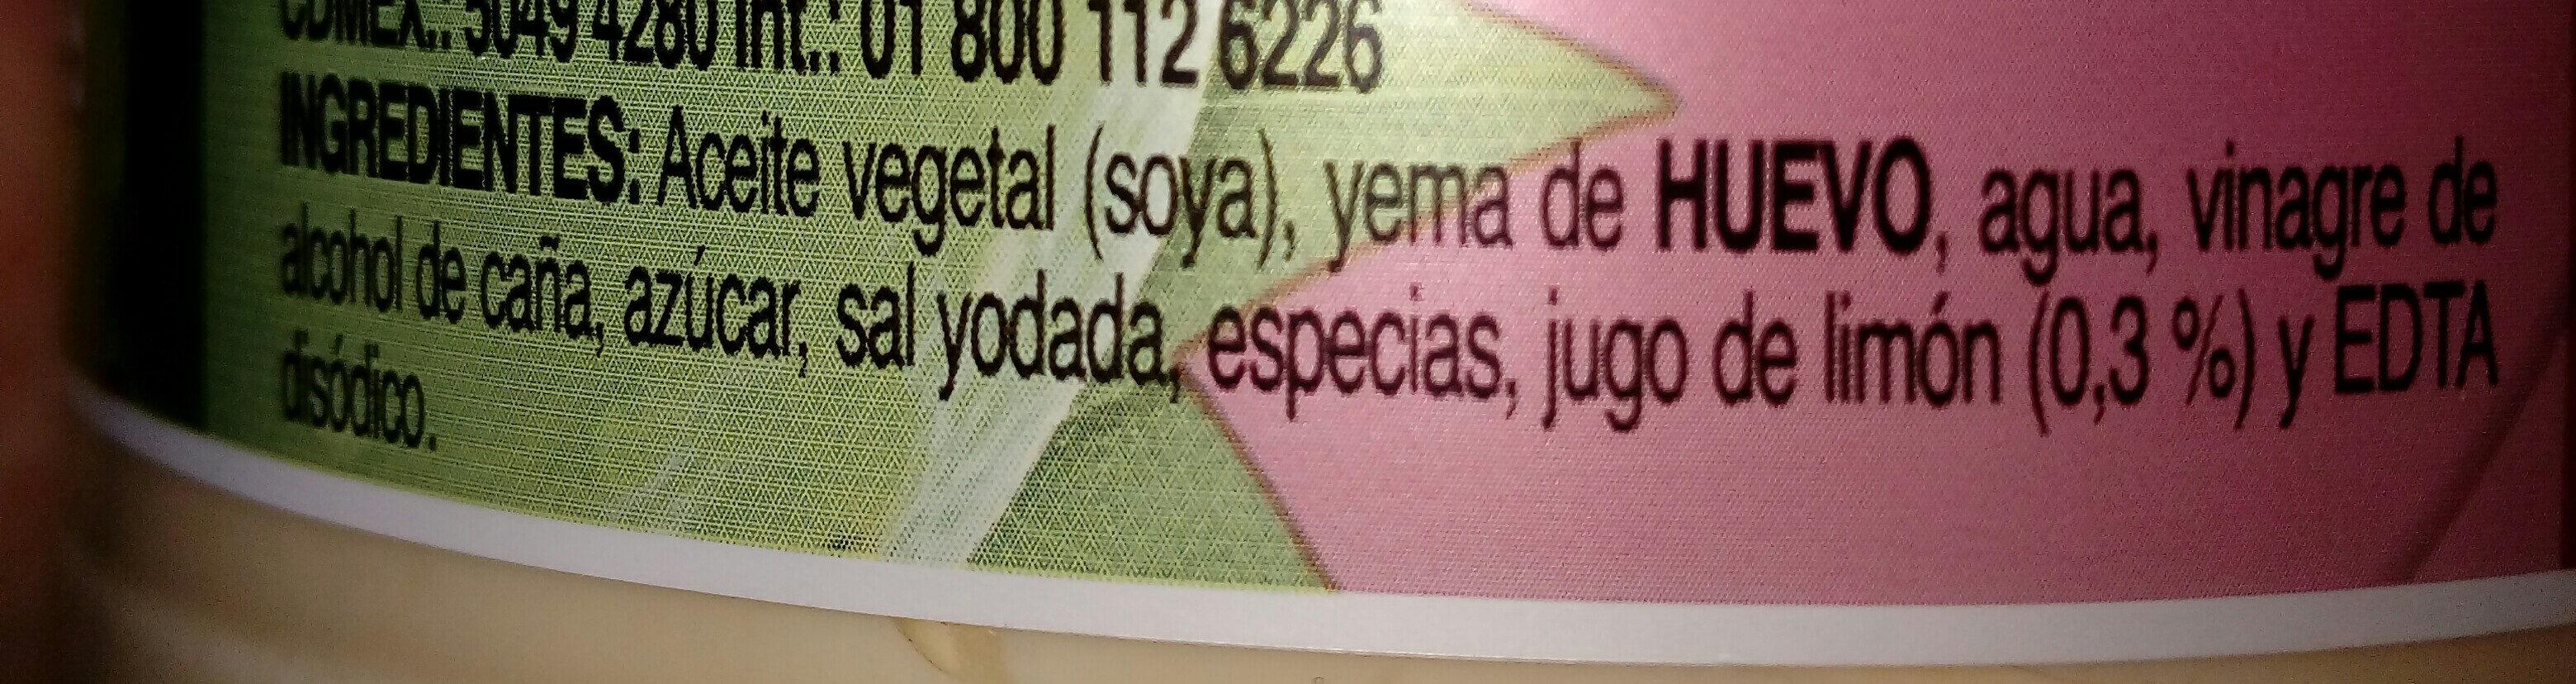 Mayonesa con jugo de limones - Ingredientes - es